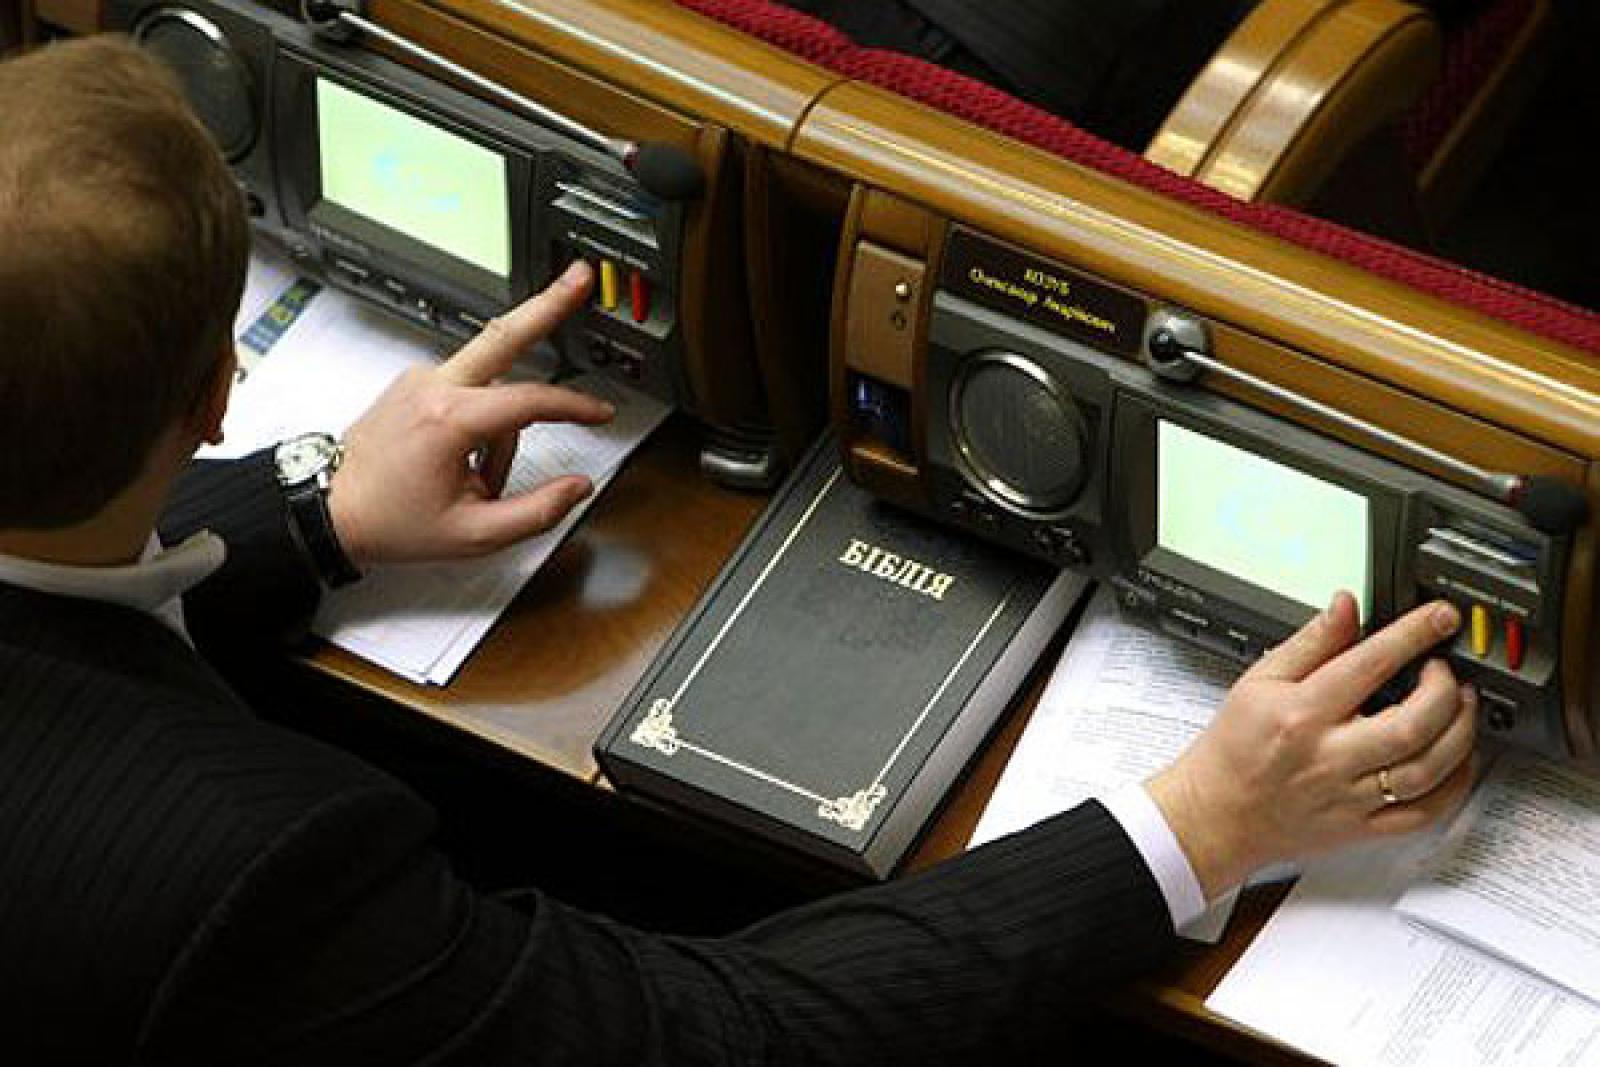 Тепер нардепи зможуть голосувати лише двома руками, що вирішить проблему кнопкаодавства